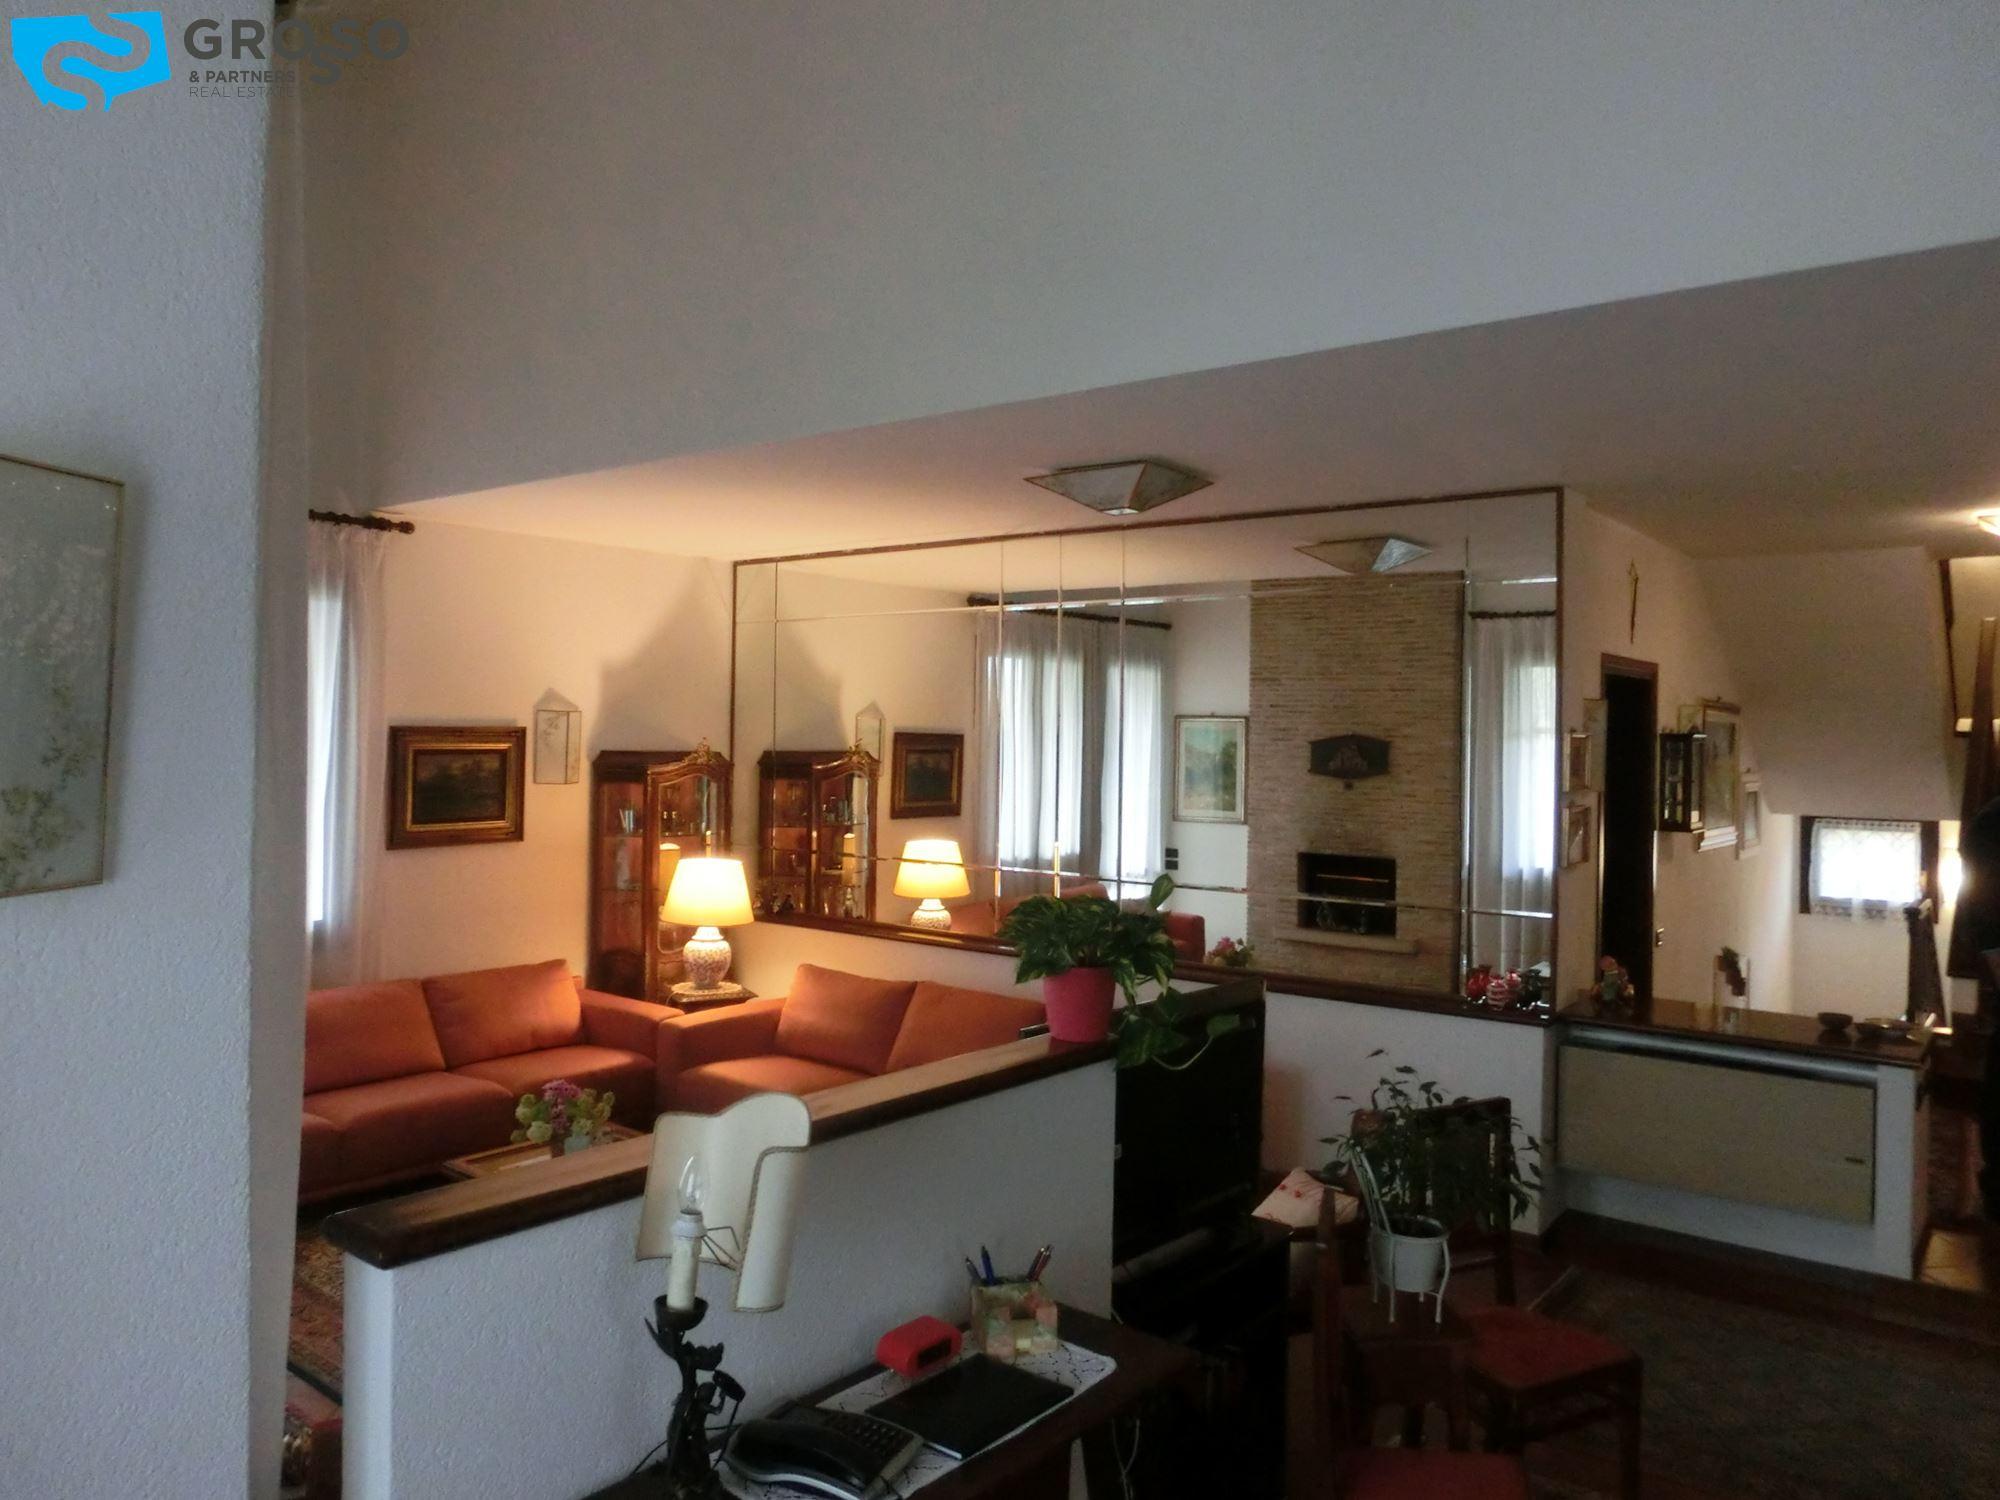 Vendita casa singola a treviso grosso partners immobiliare for Miglior sito vendita case